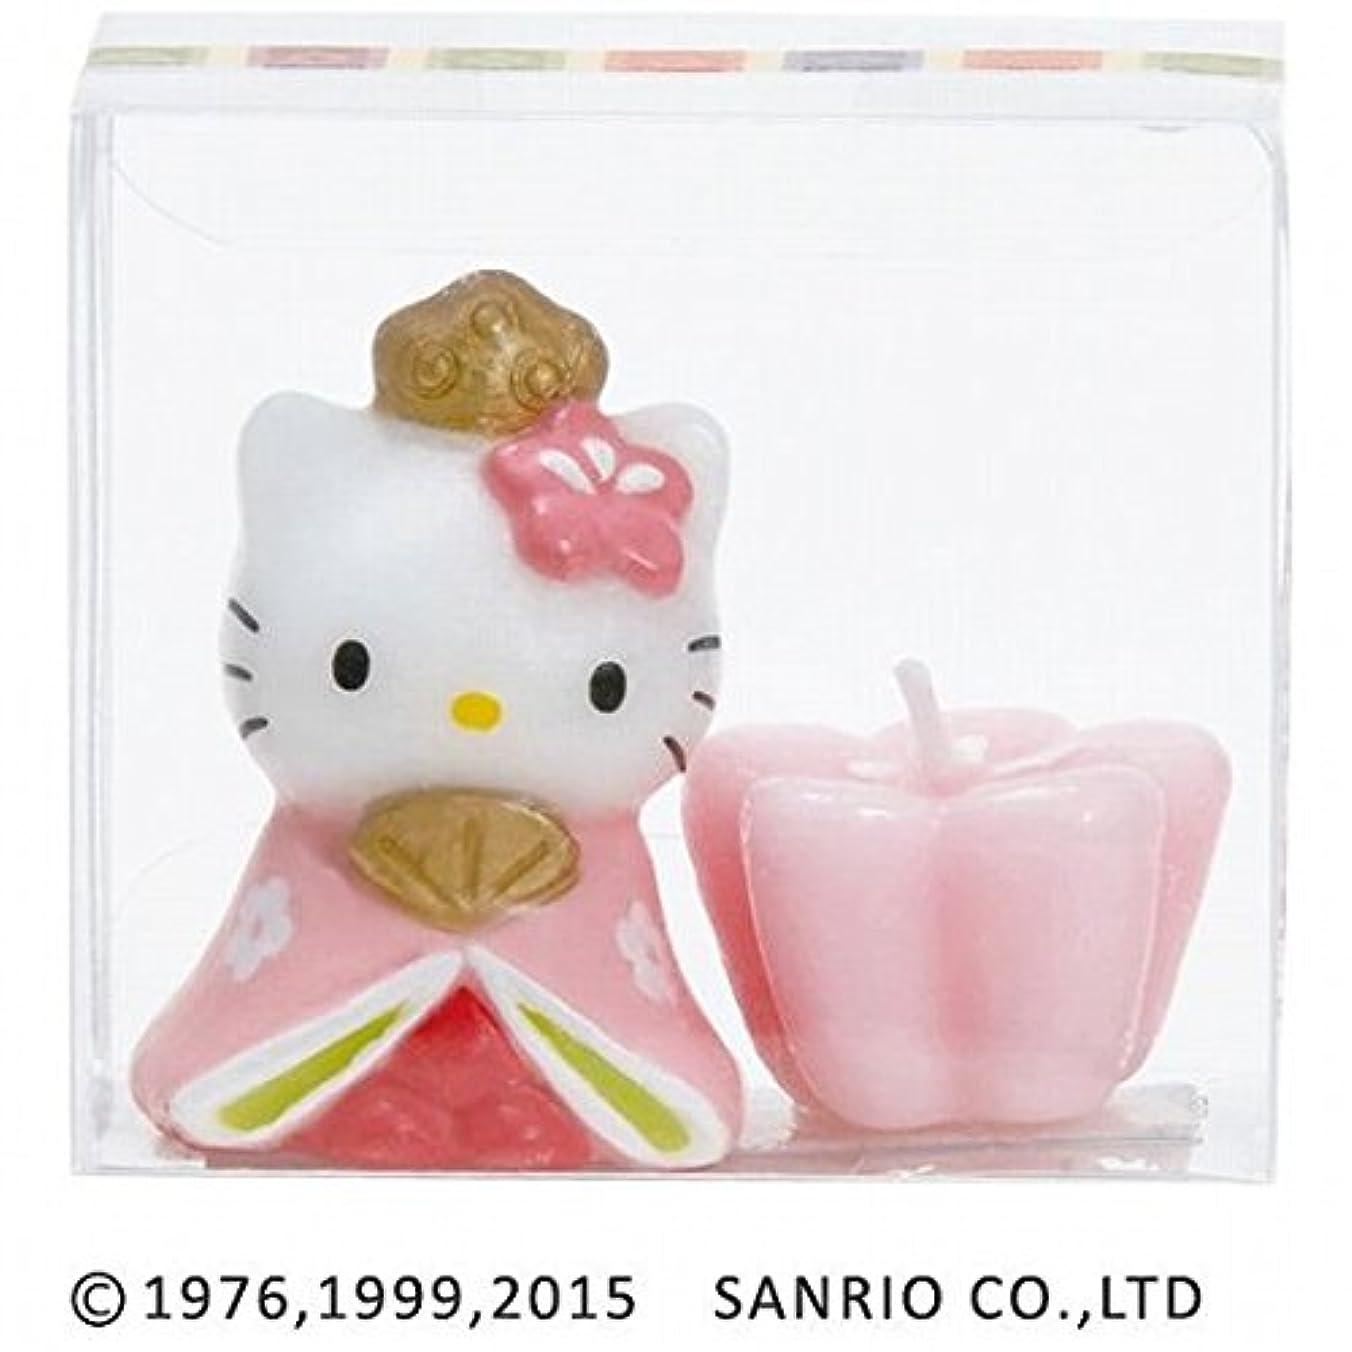 顎執着不可能なkameyama candle(カメヤマキャンドル) ハローキティひな祭りキャンドル 「 おひなさま 」(56270000)